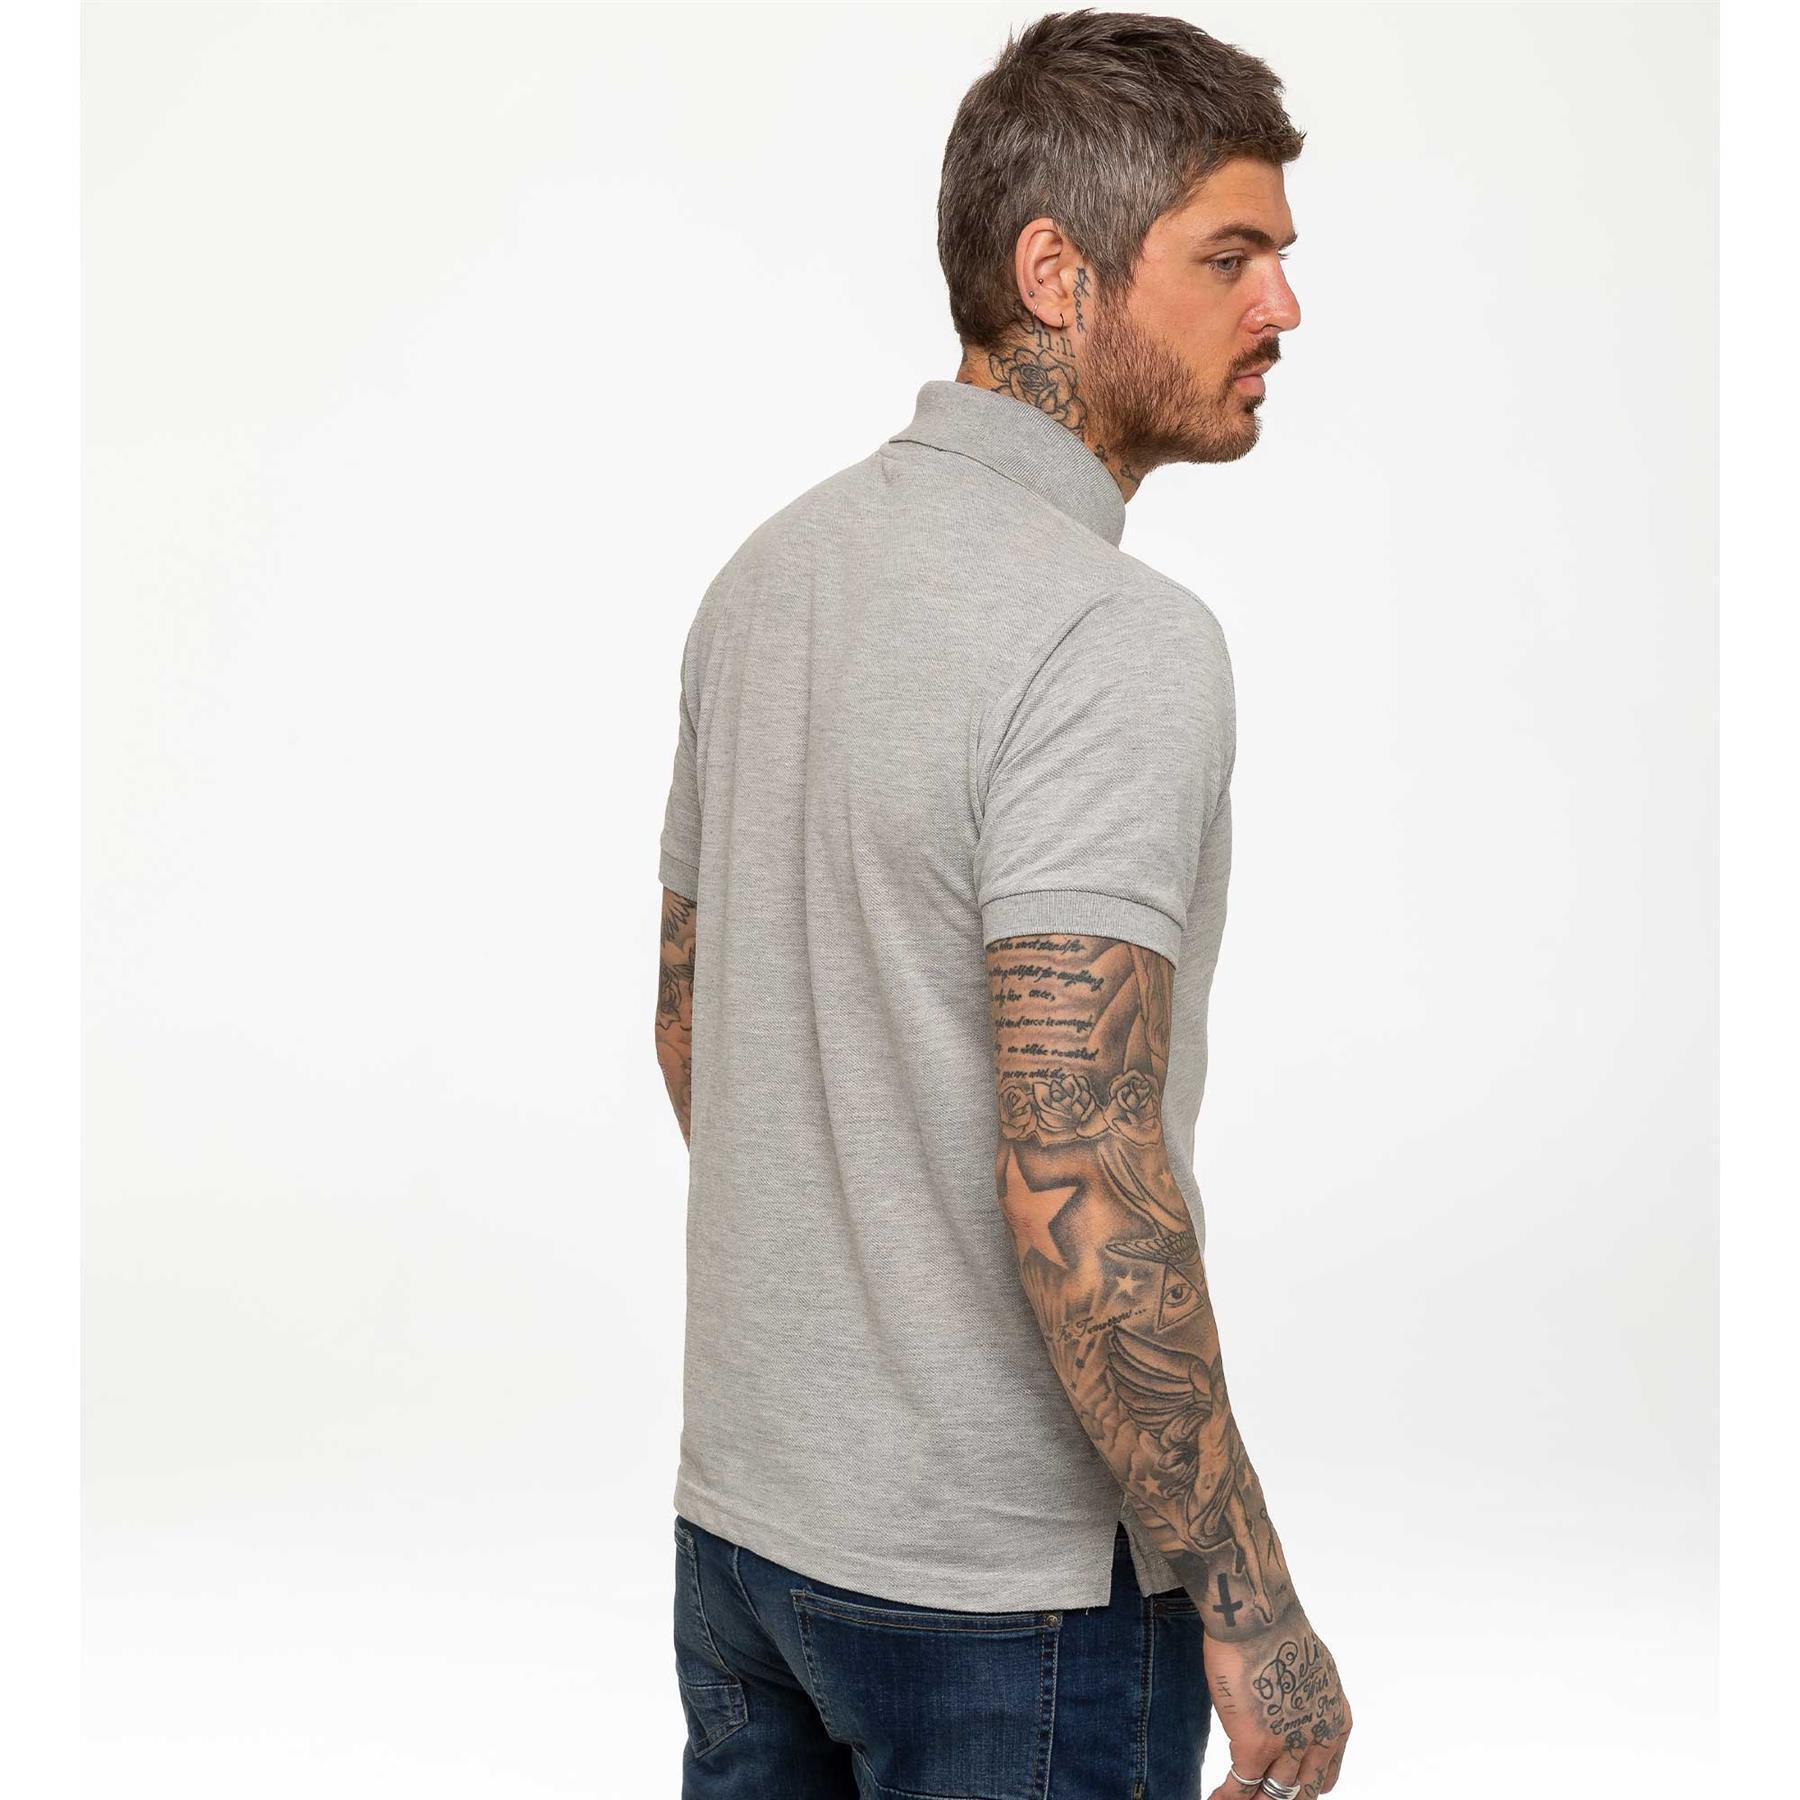 Indexbild 23 - Herren Polohemd Freizeit T-Shirts Neu Schlicht Kurzärmeliges Regular Fit